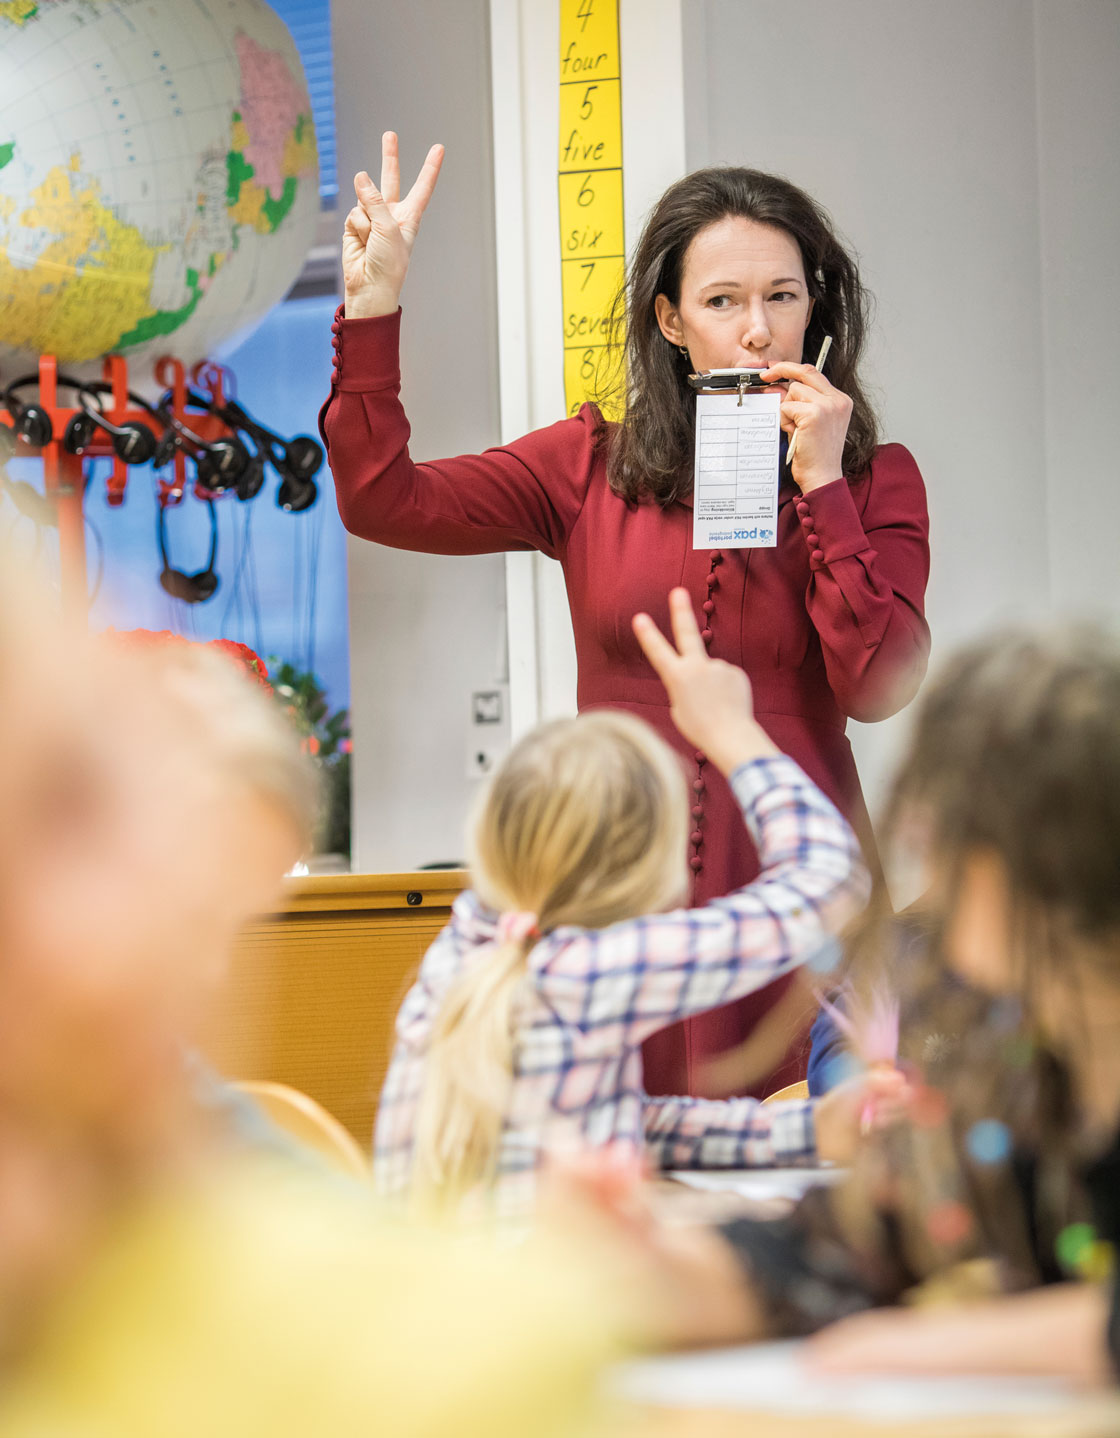 Maria Lychnell utövar Pax i klassrummet.